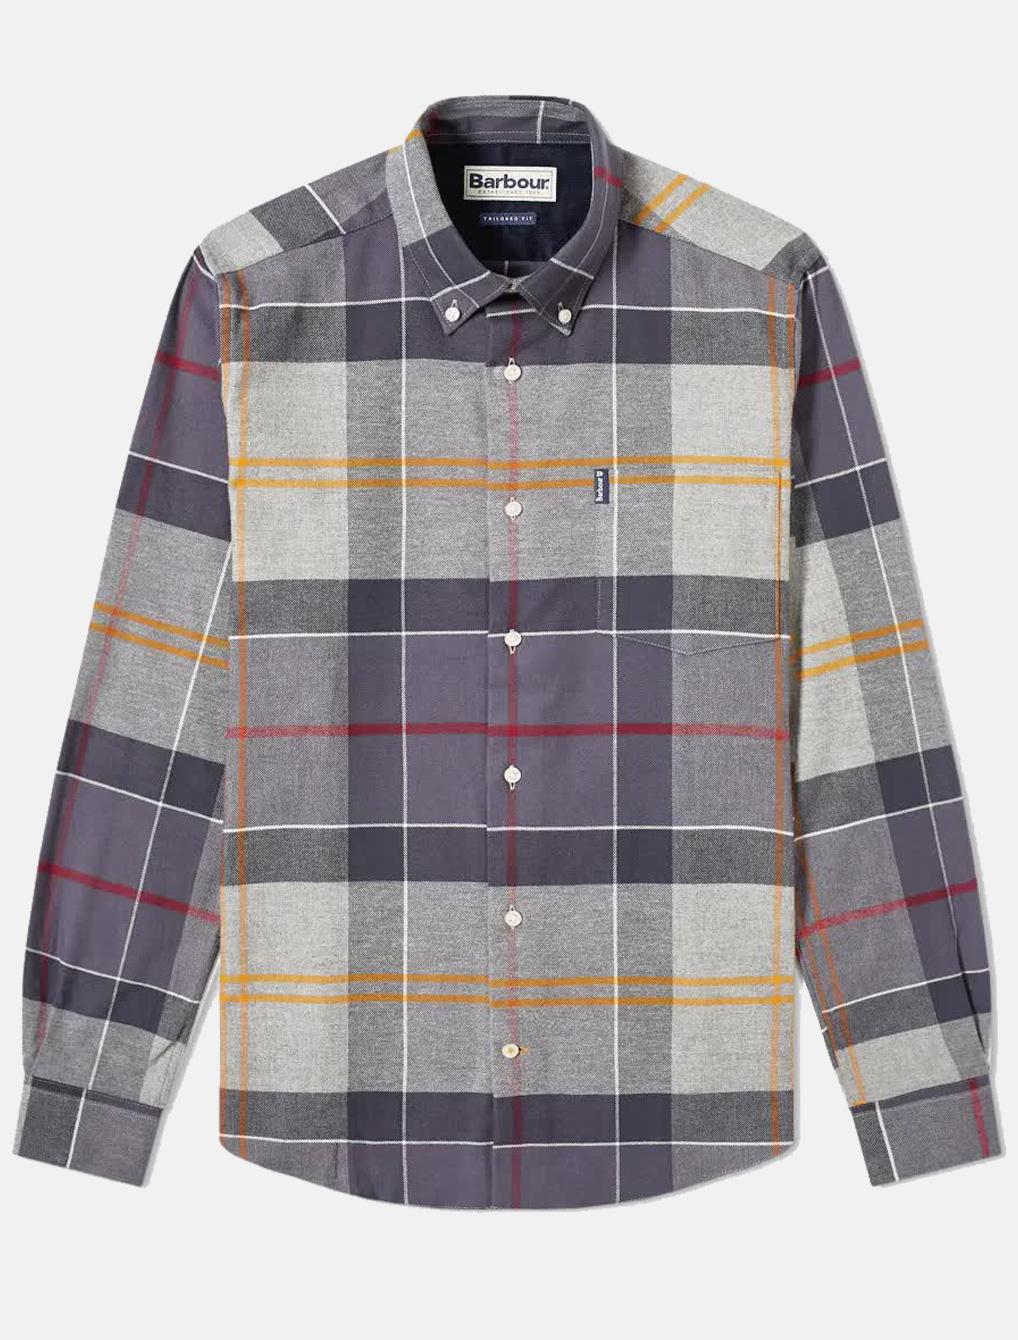 Barbour Tartan Shirt Modern Tartan